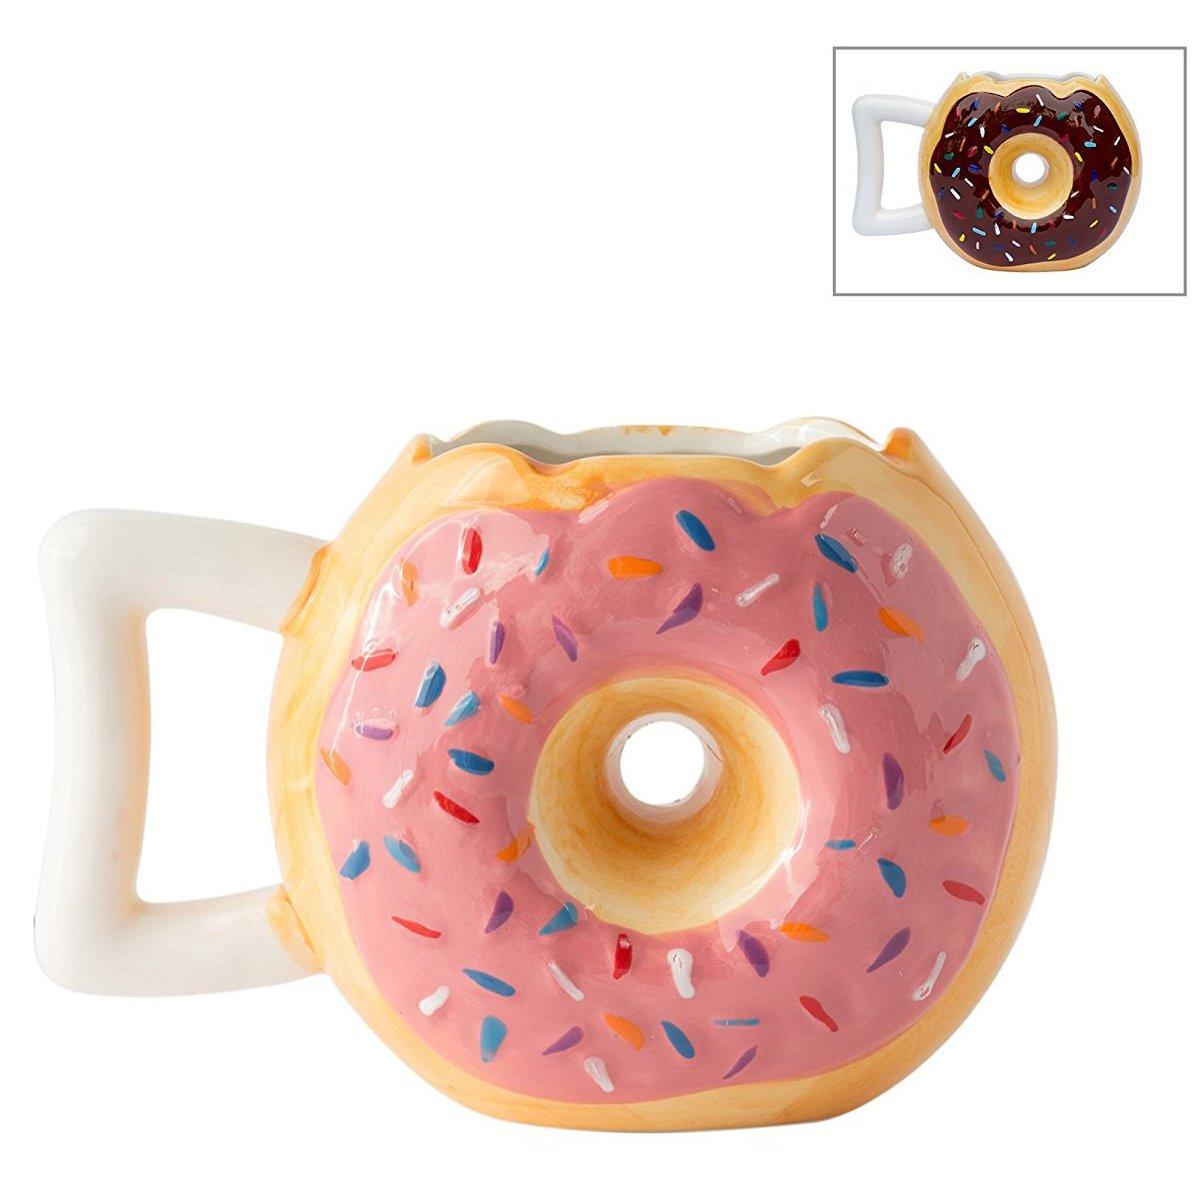 キュート& Funピンクドーナツコーヒーマグby Comfify – 象徴的なドーナツW / Sprinklesデザイン、カラフル、ユニーク –